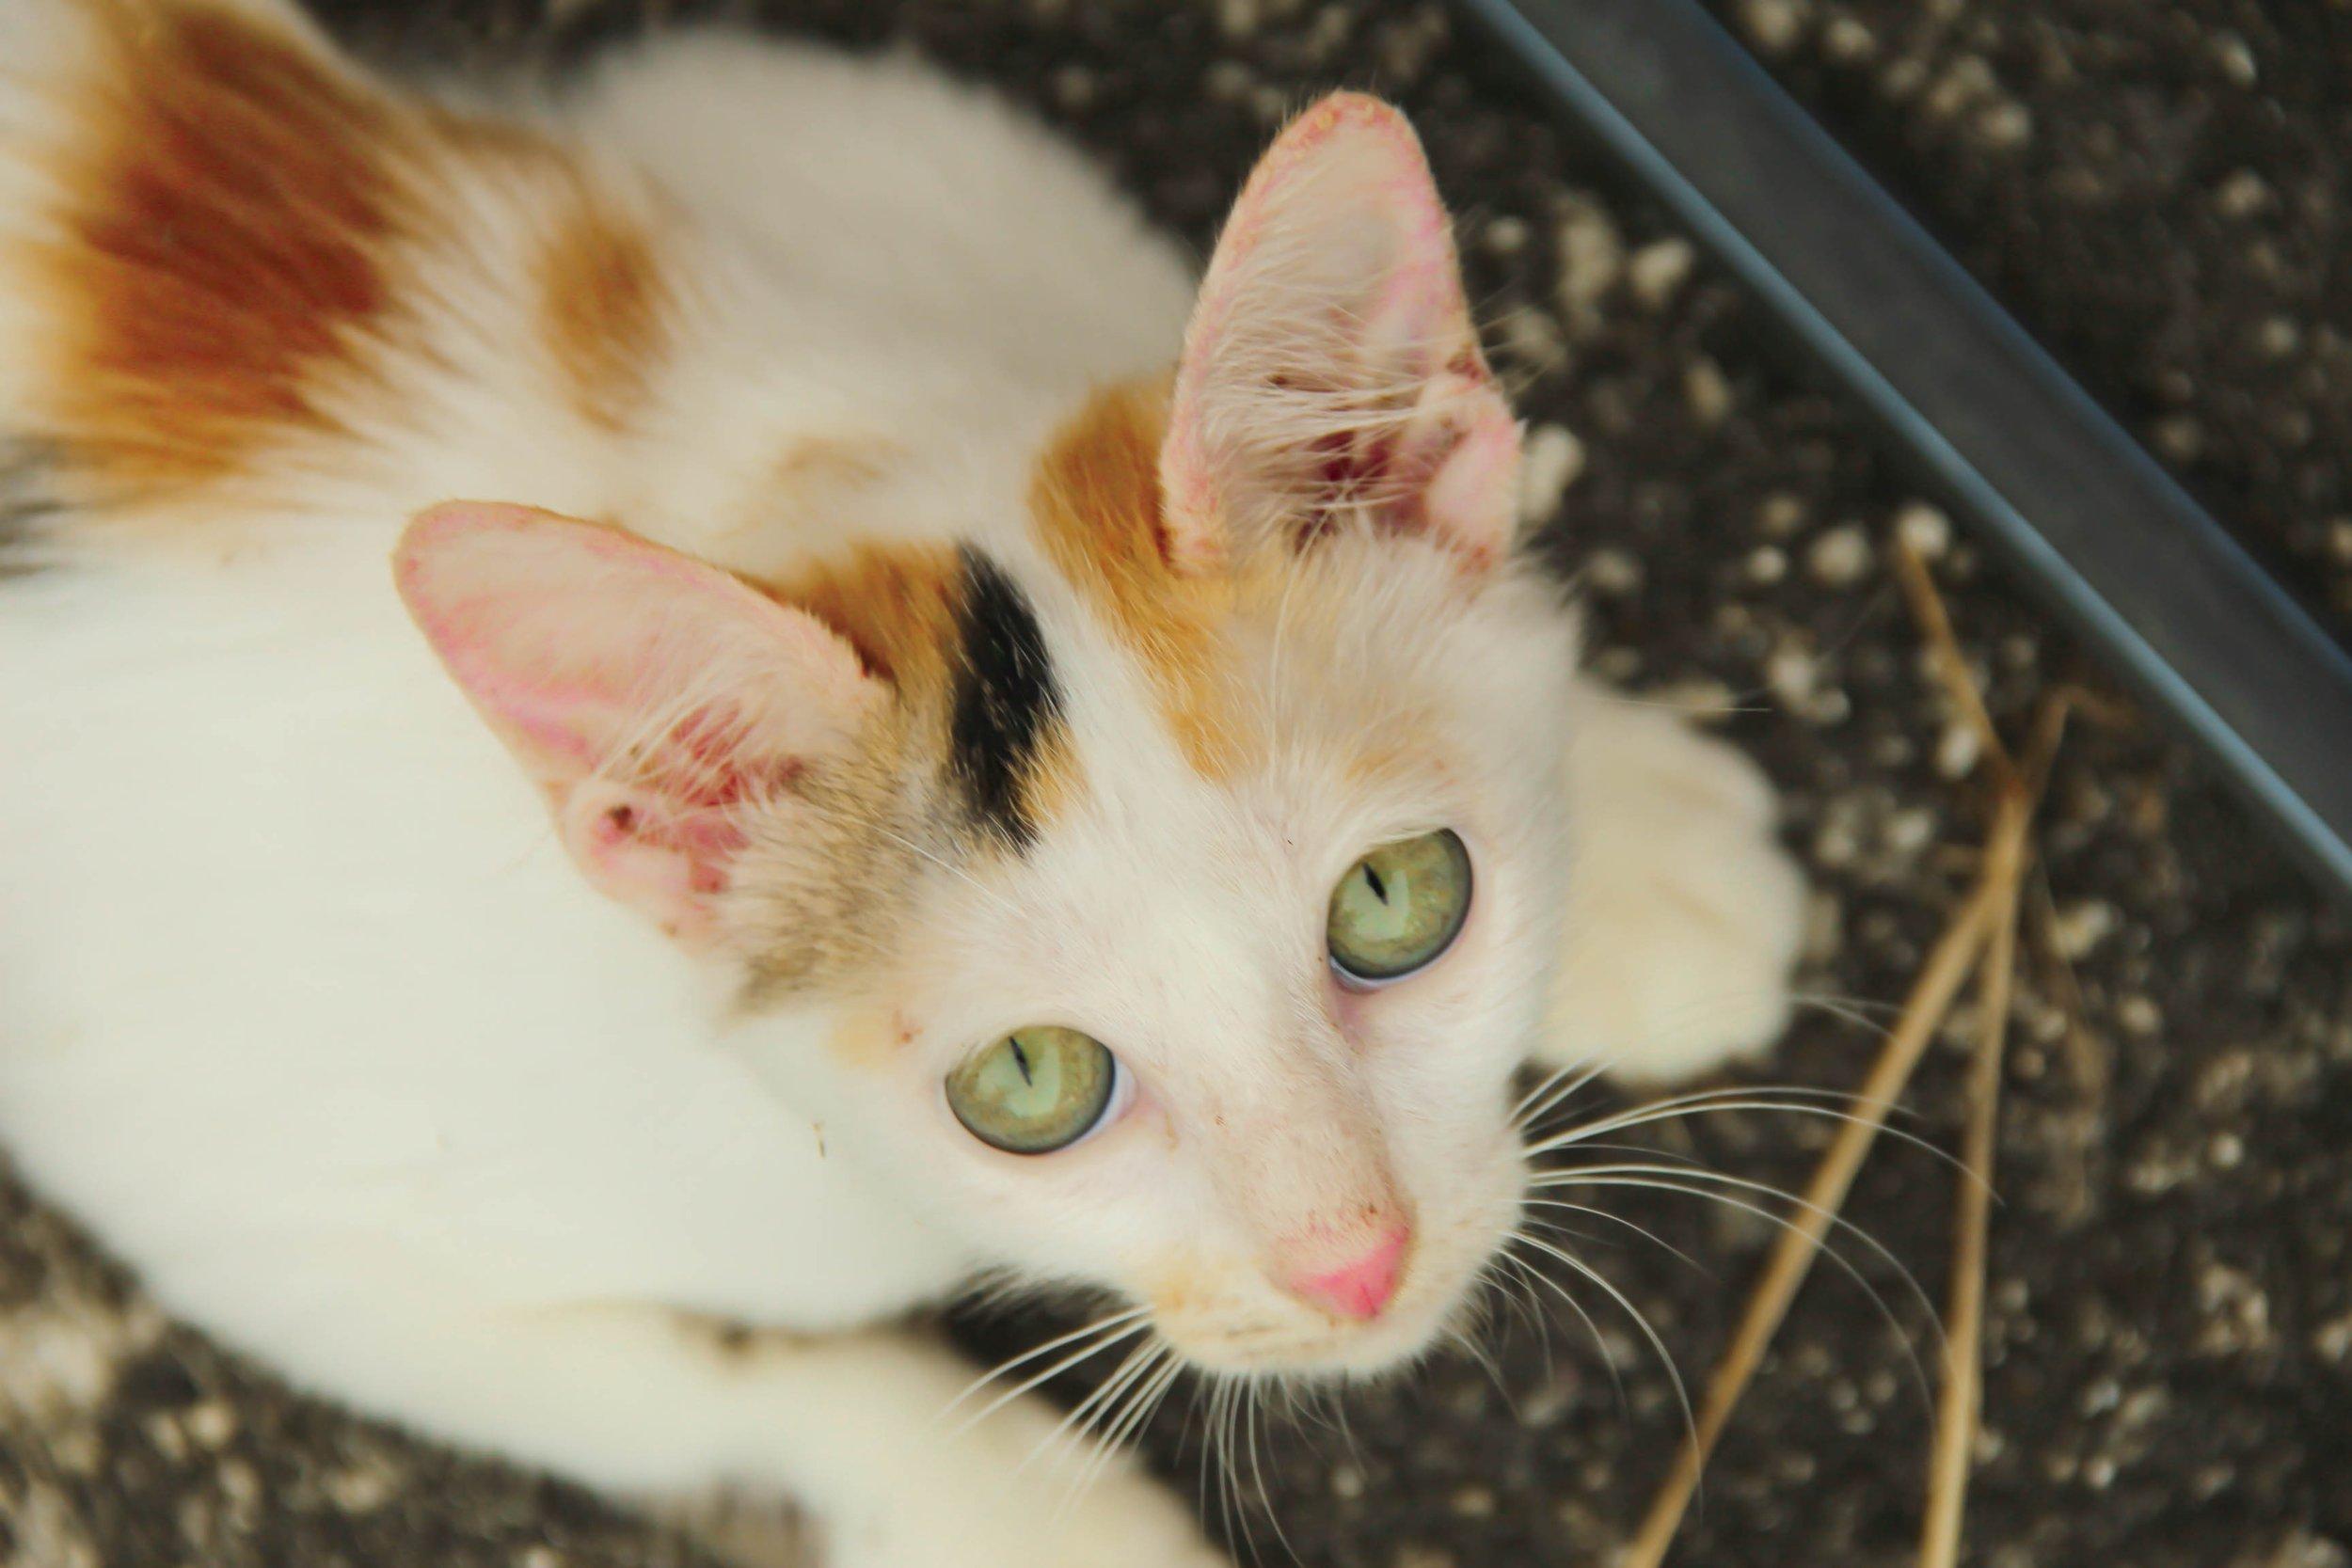 animal-pet-fur-kitten-cat-feline-1018048-pxhere.com.jpg